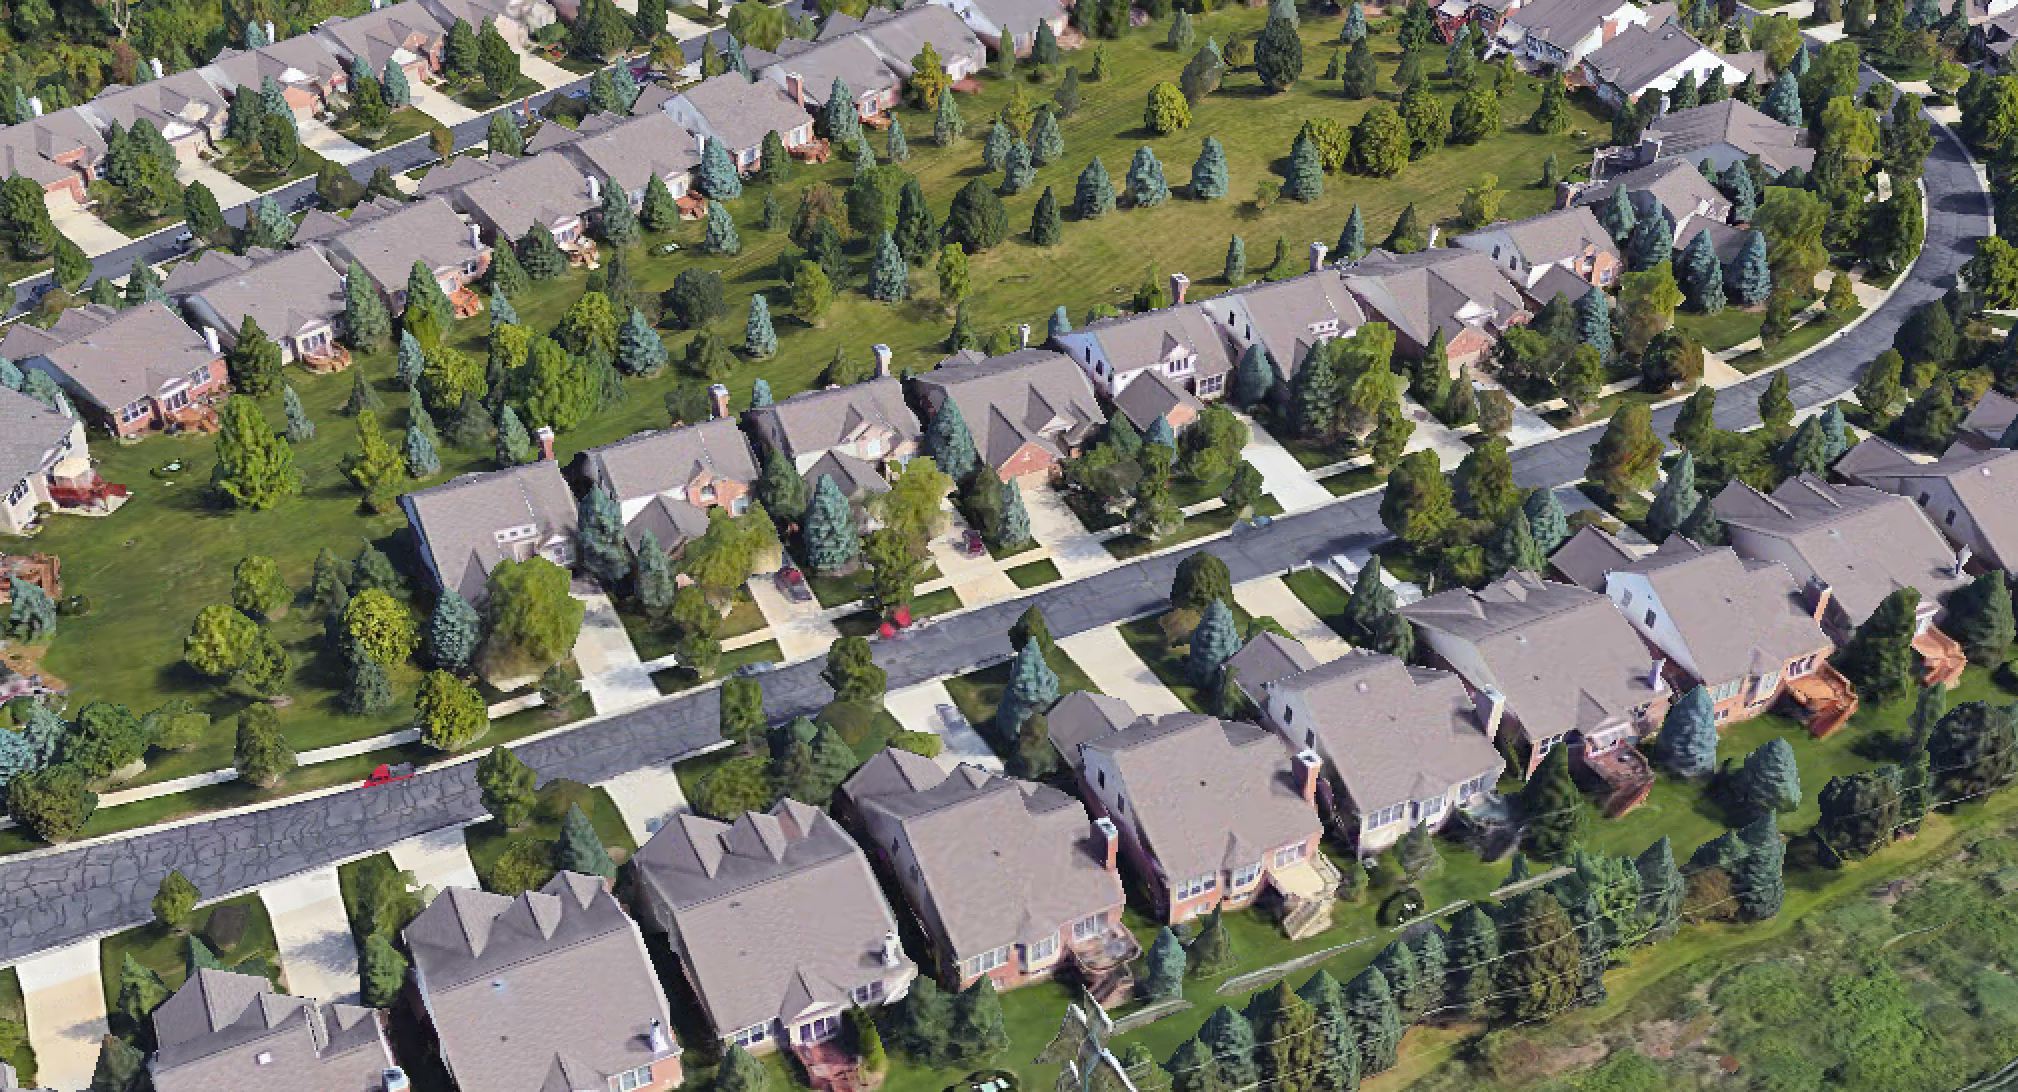 Image via Google Earth